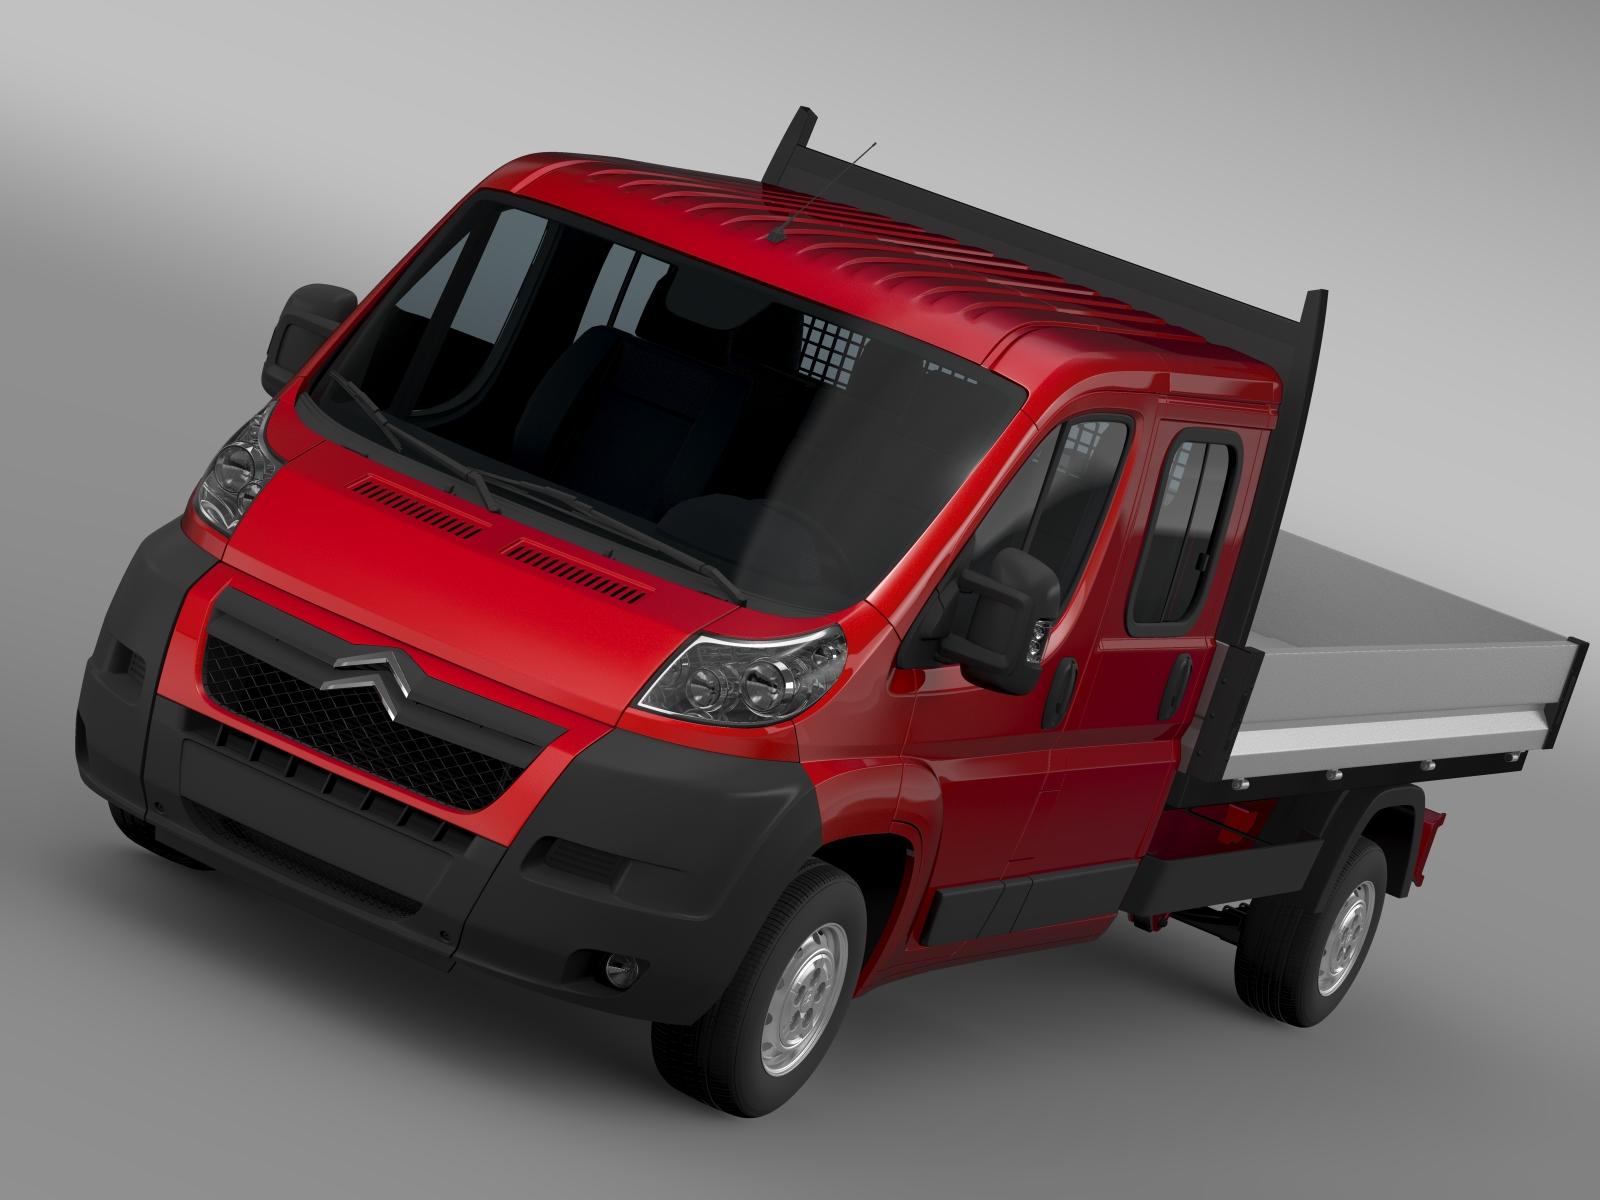 Citroen Jumper Załoga ciężarówki 2009-2014 3d model 3ds max fbx c4d lwo ma mb hrc xsi obj 218642